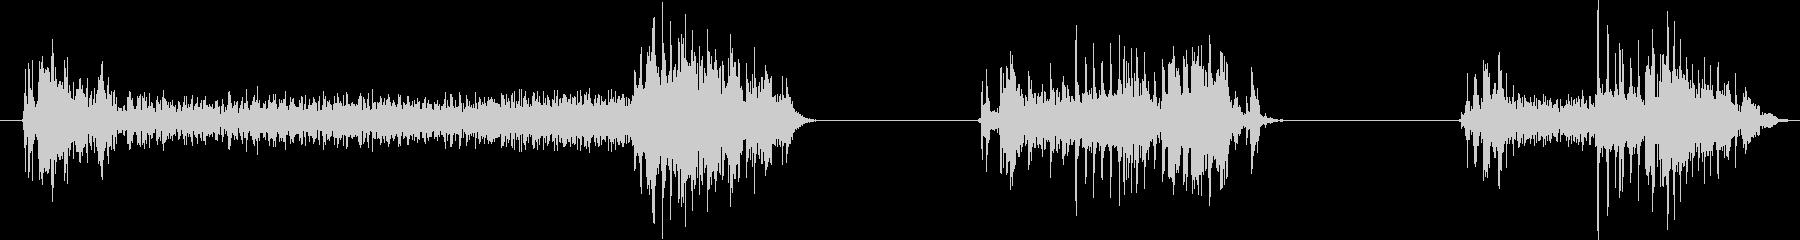 フィクション 電力装置 02をオフにするの未再生の波形